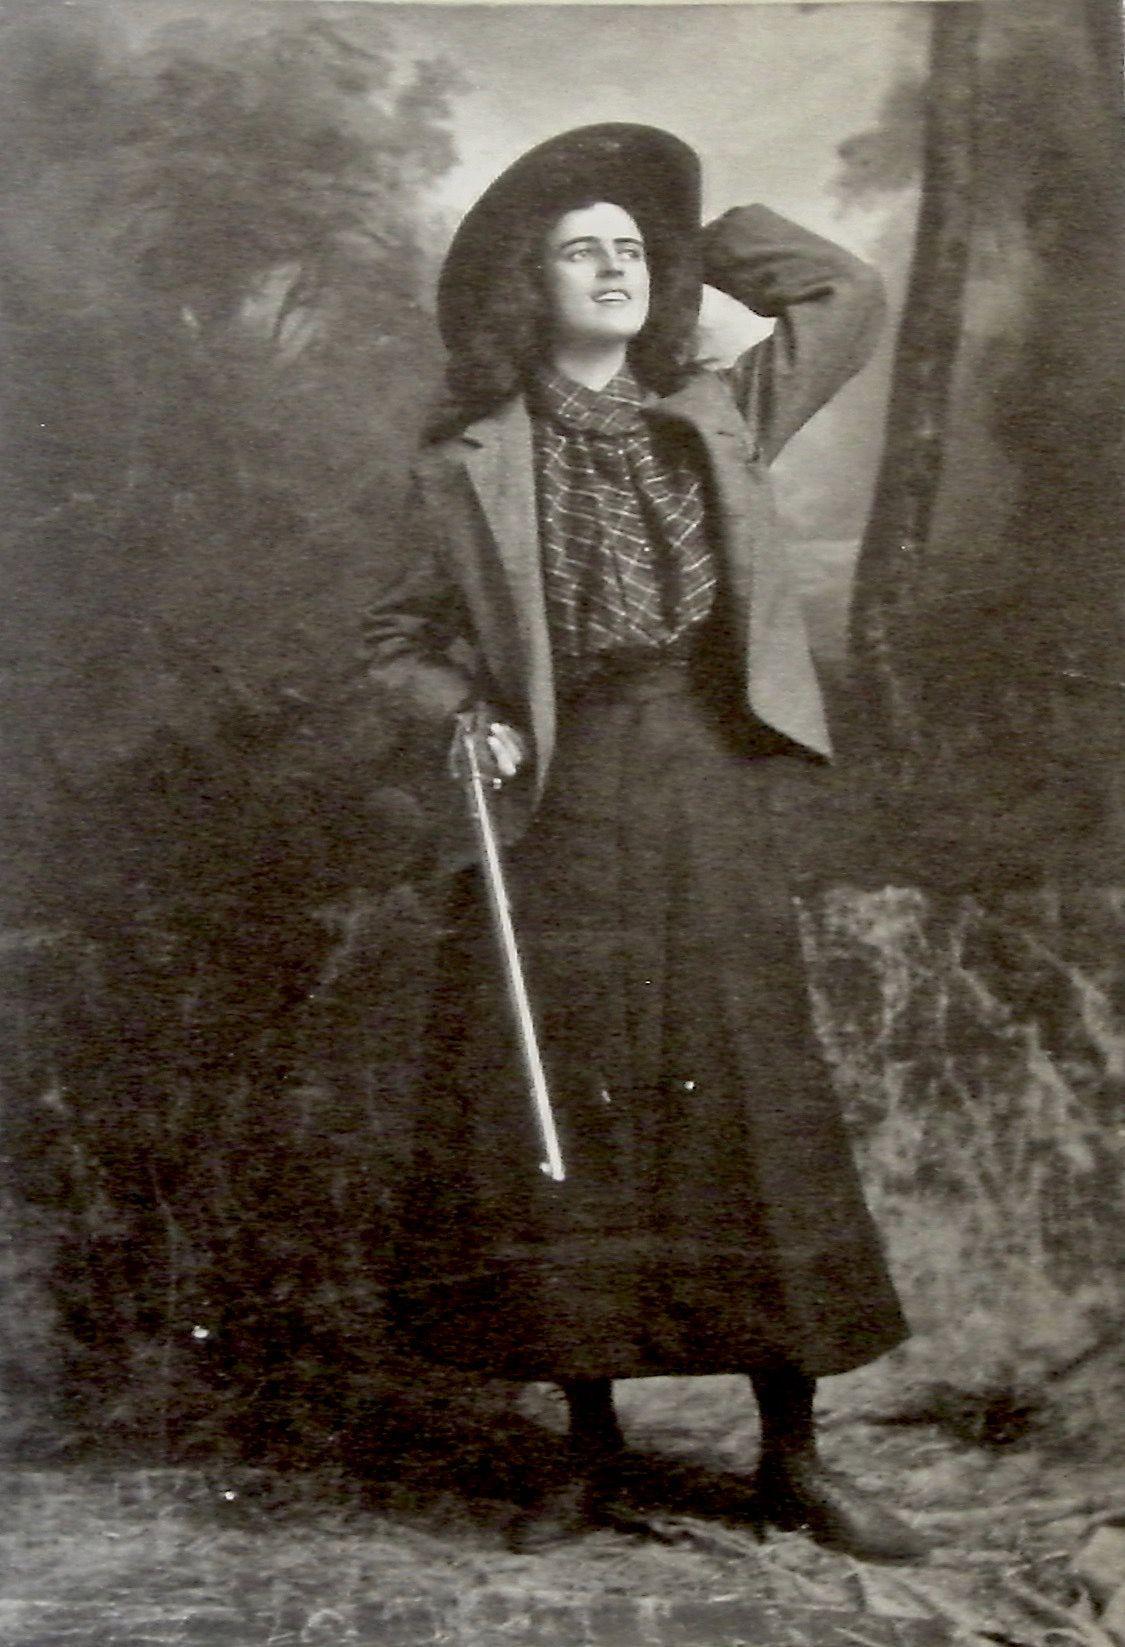 Renie Riano